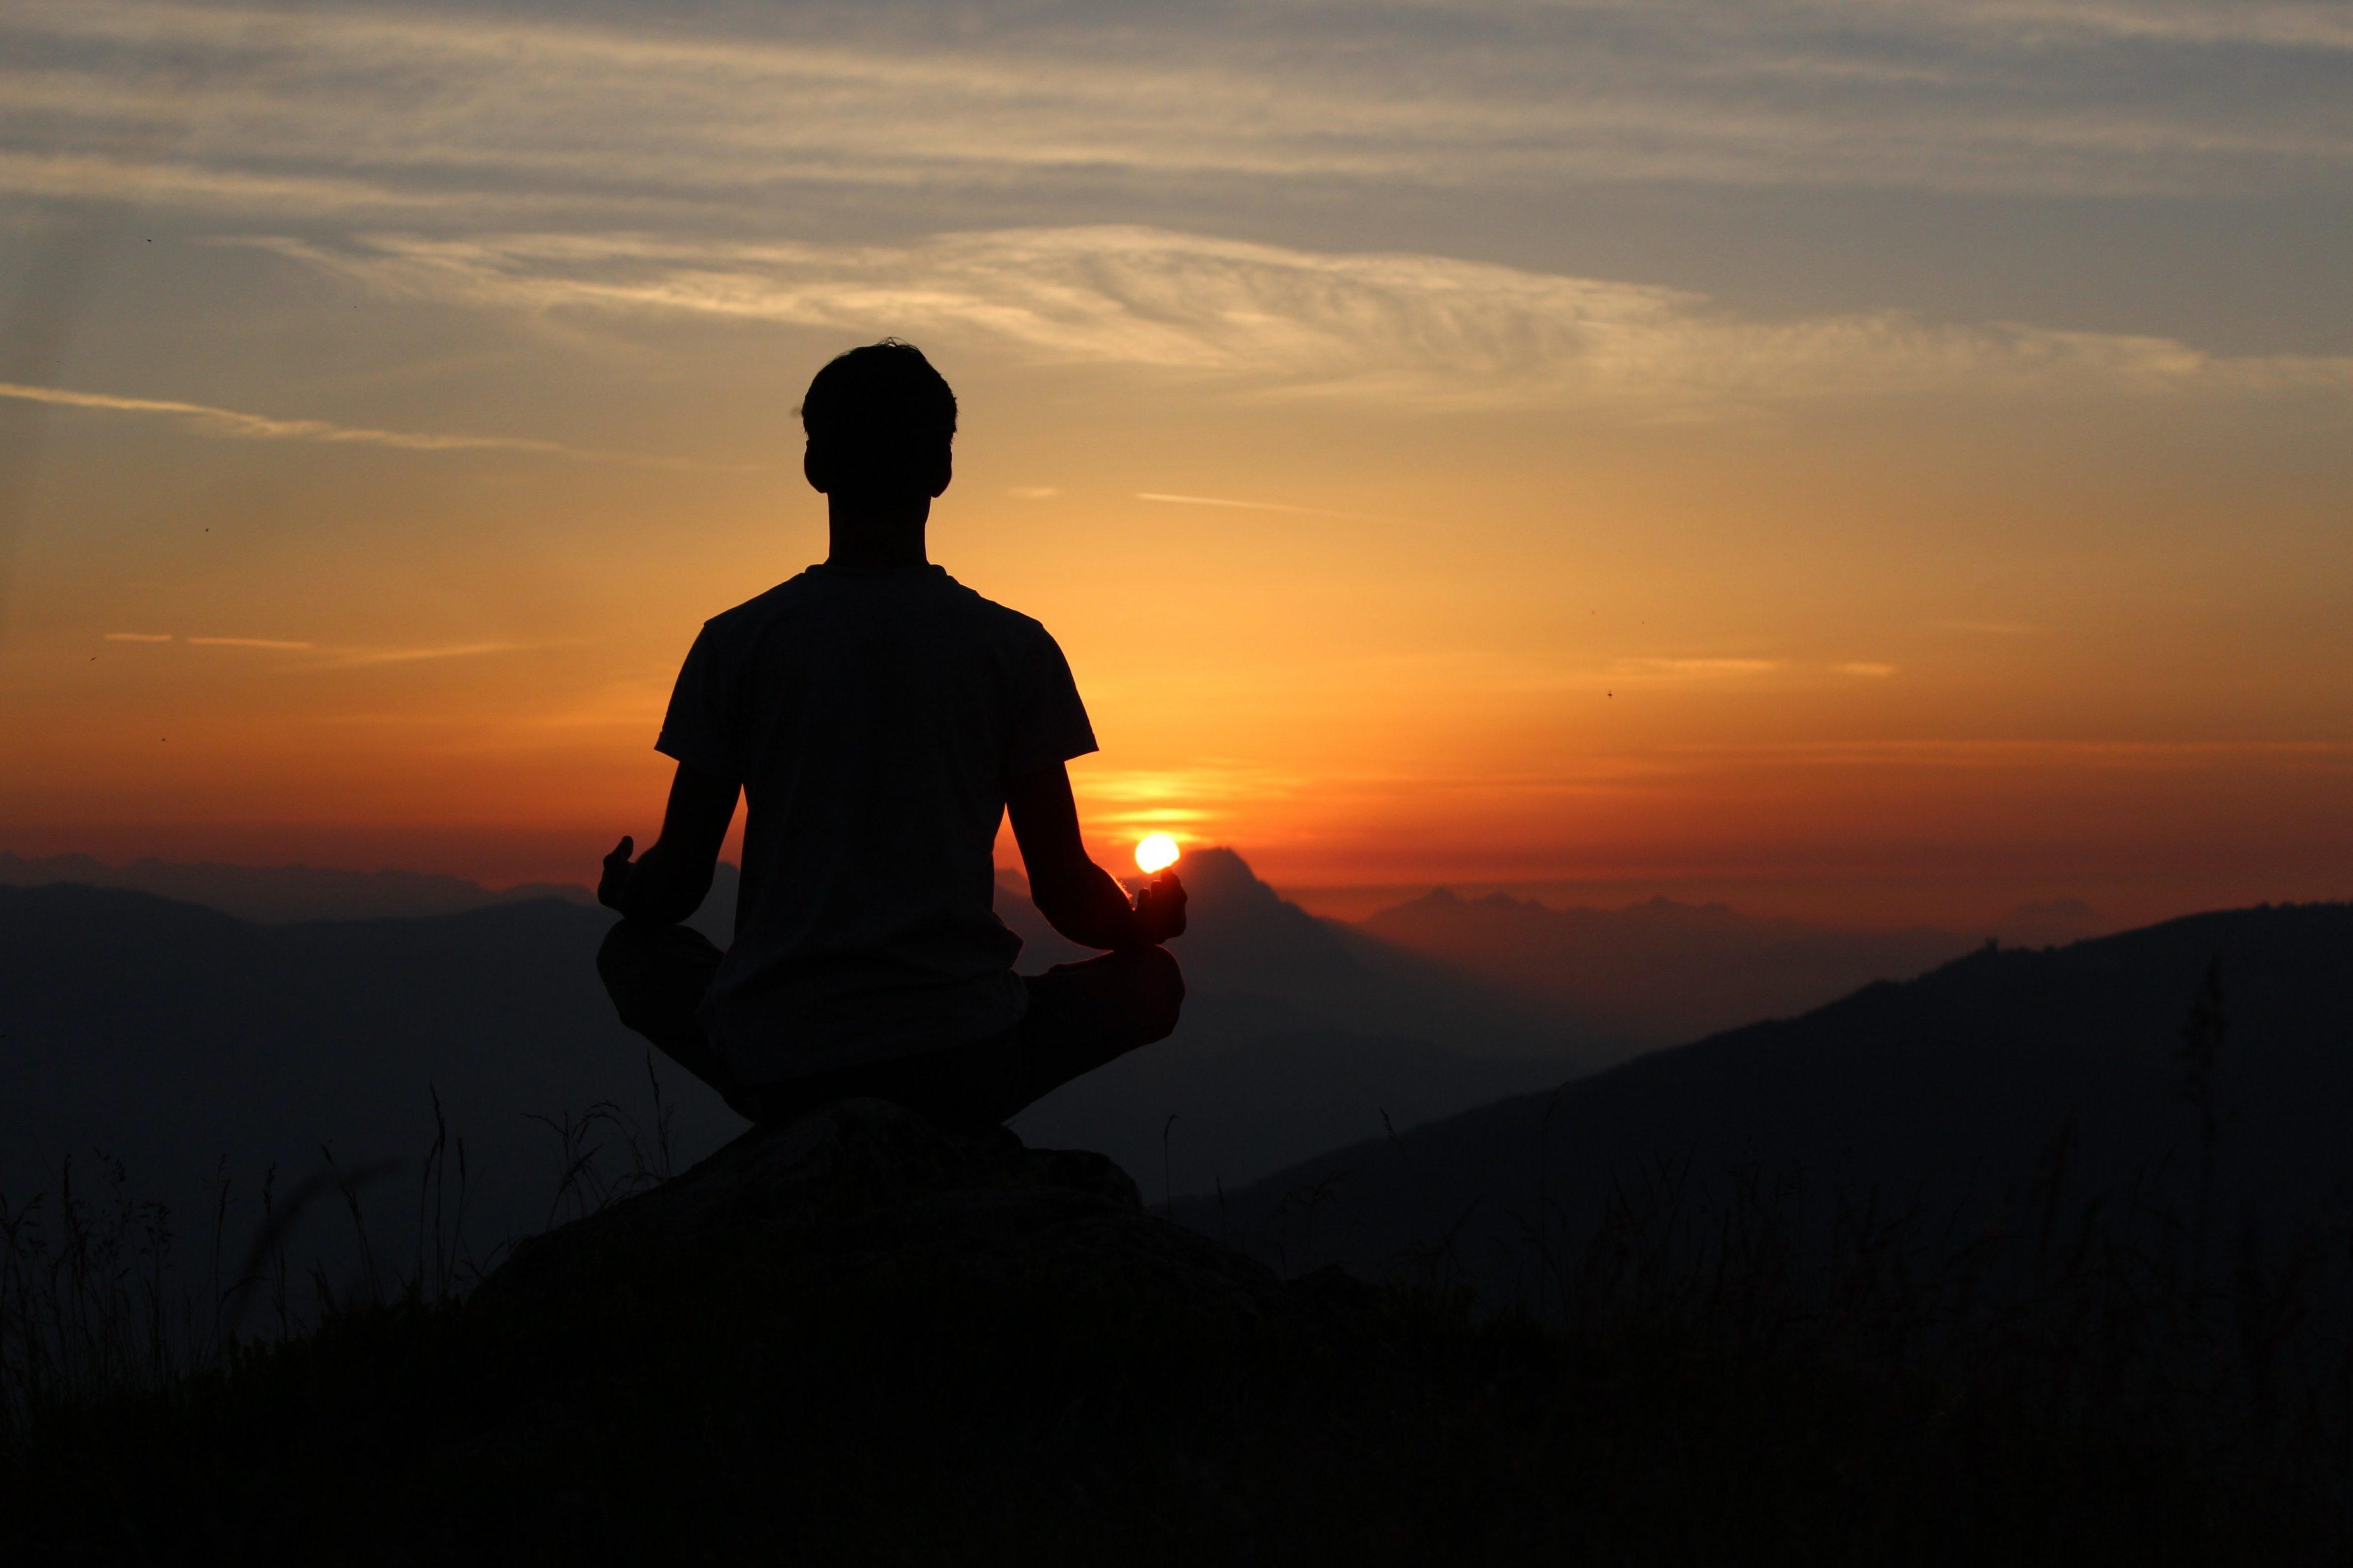 Relax More - Aandacht is het uitgangspunt van alle spirituele wegen